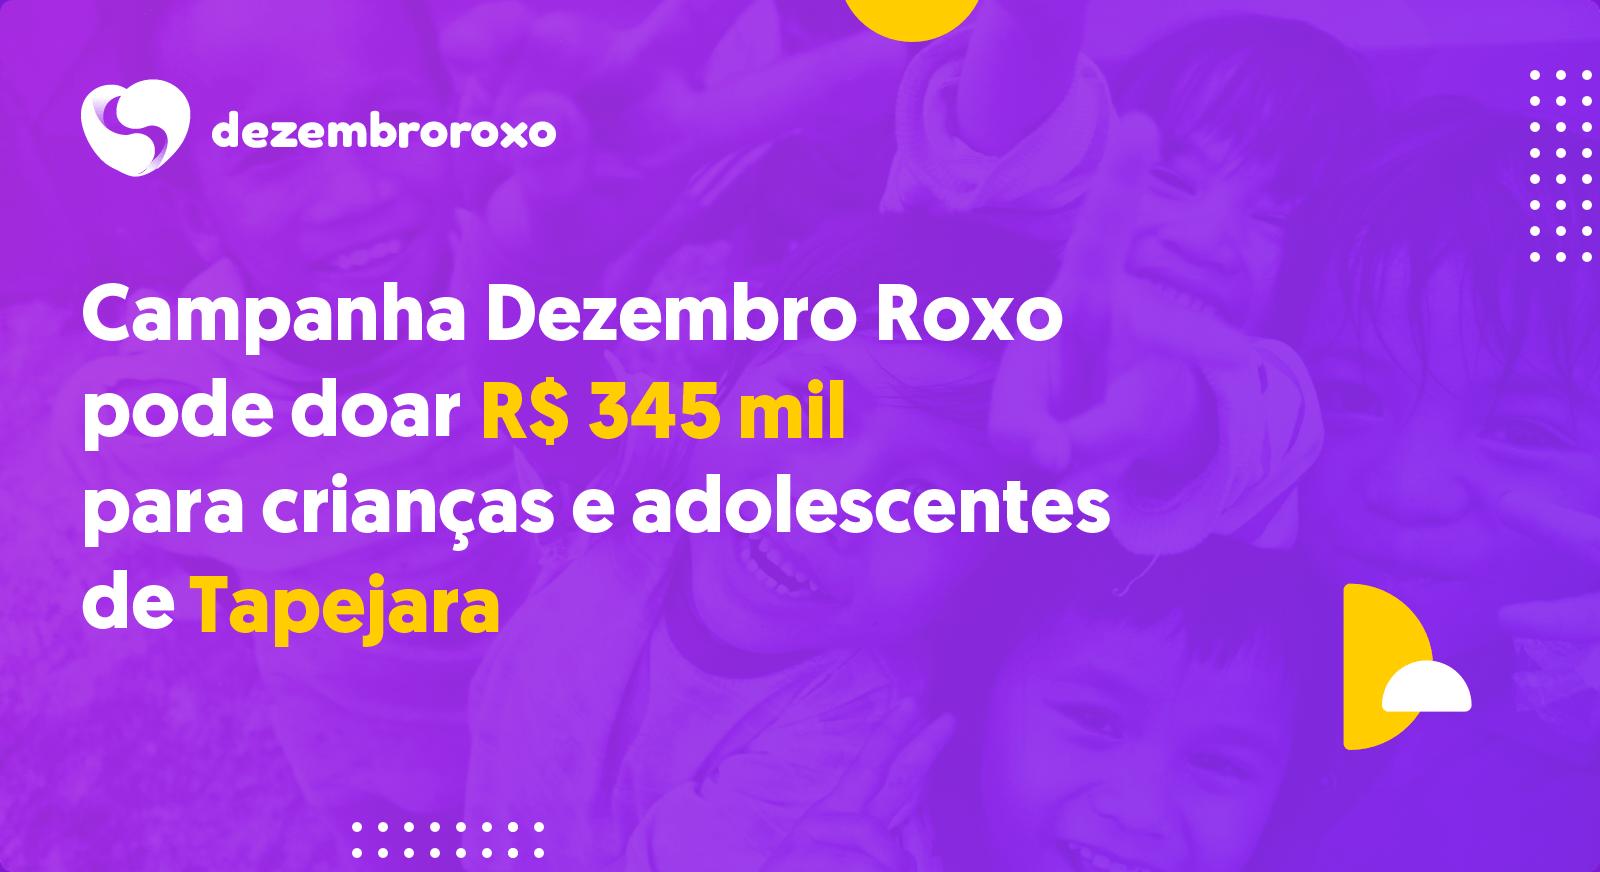 Doações em Tapejara - RS